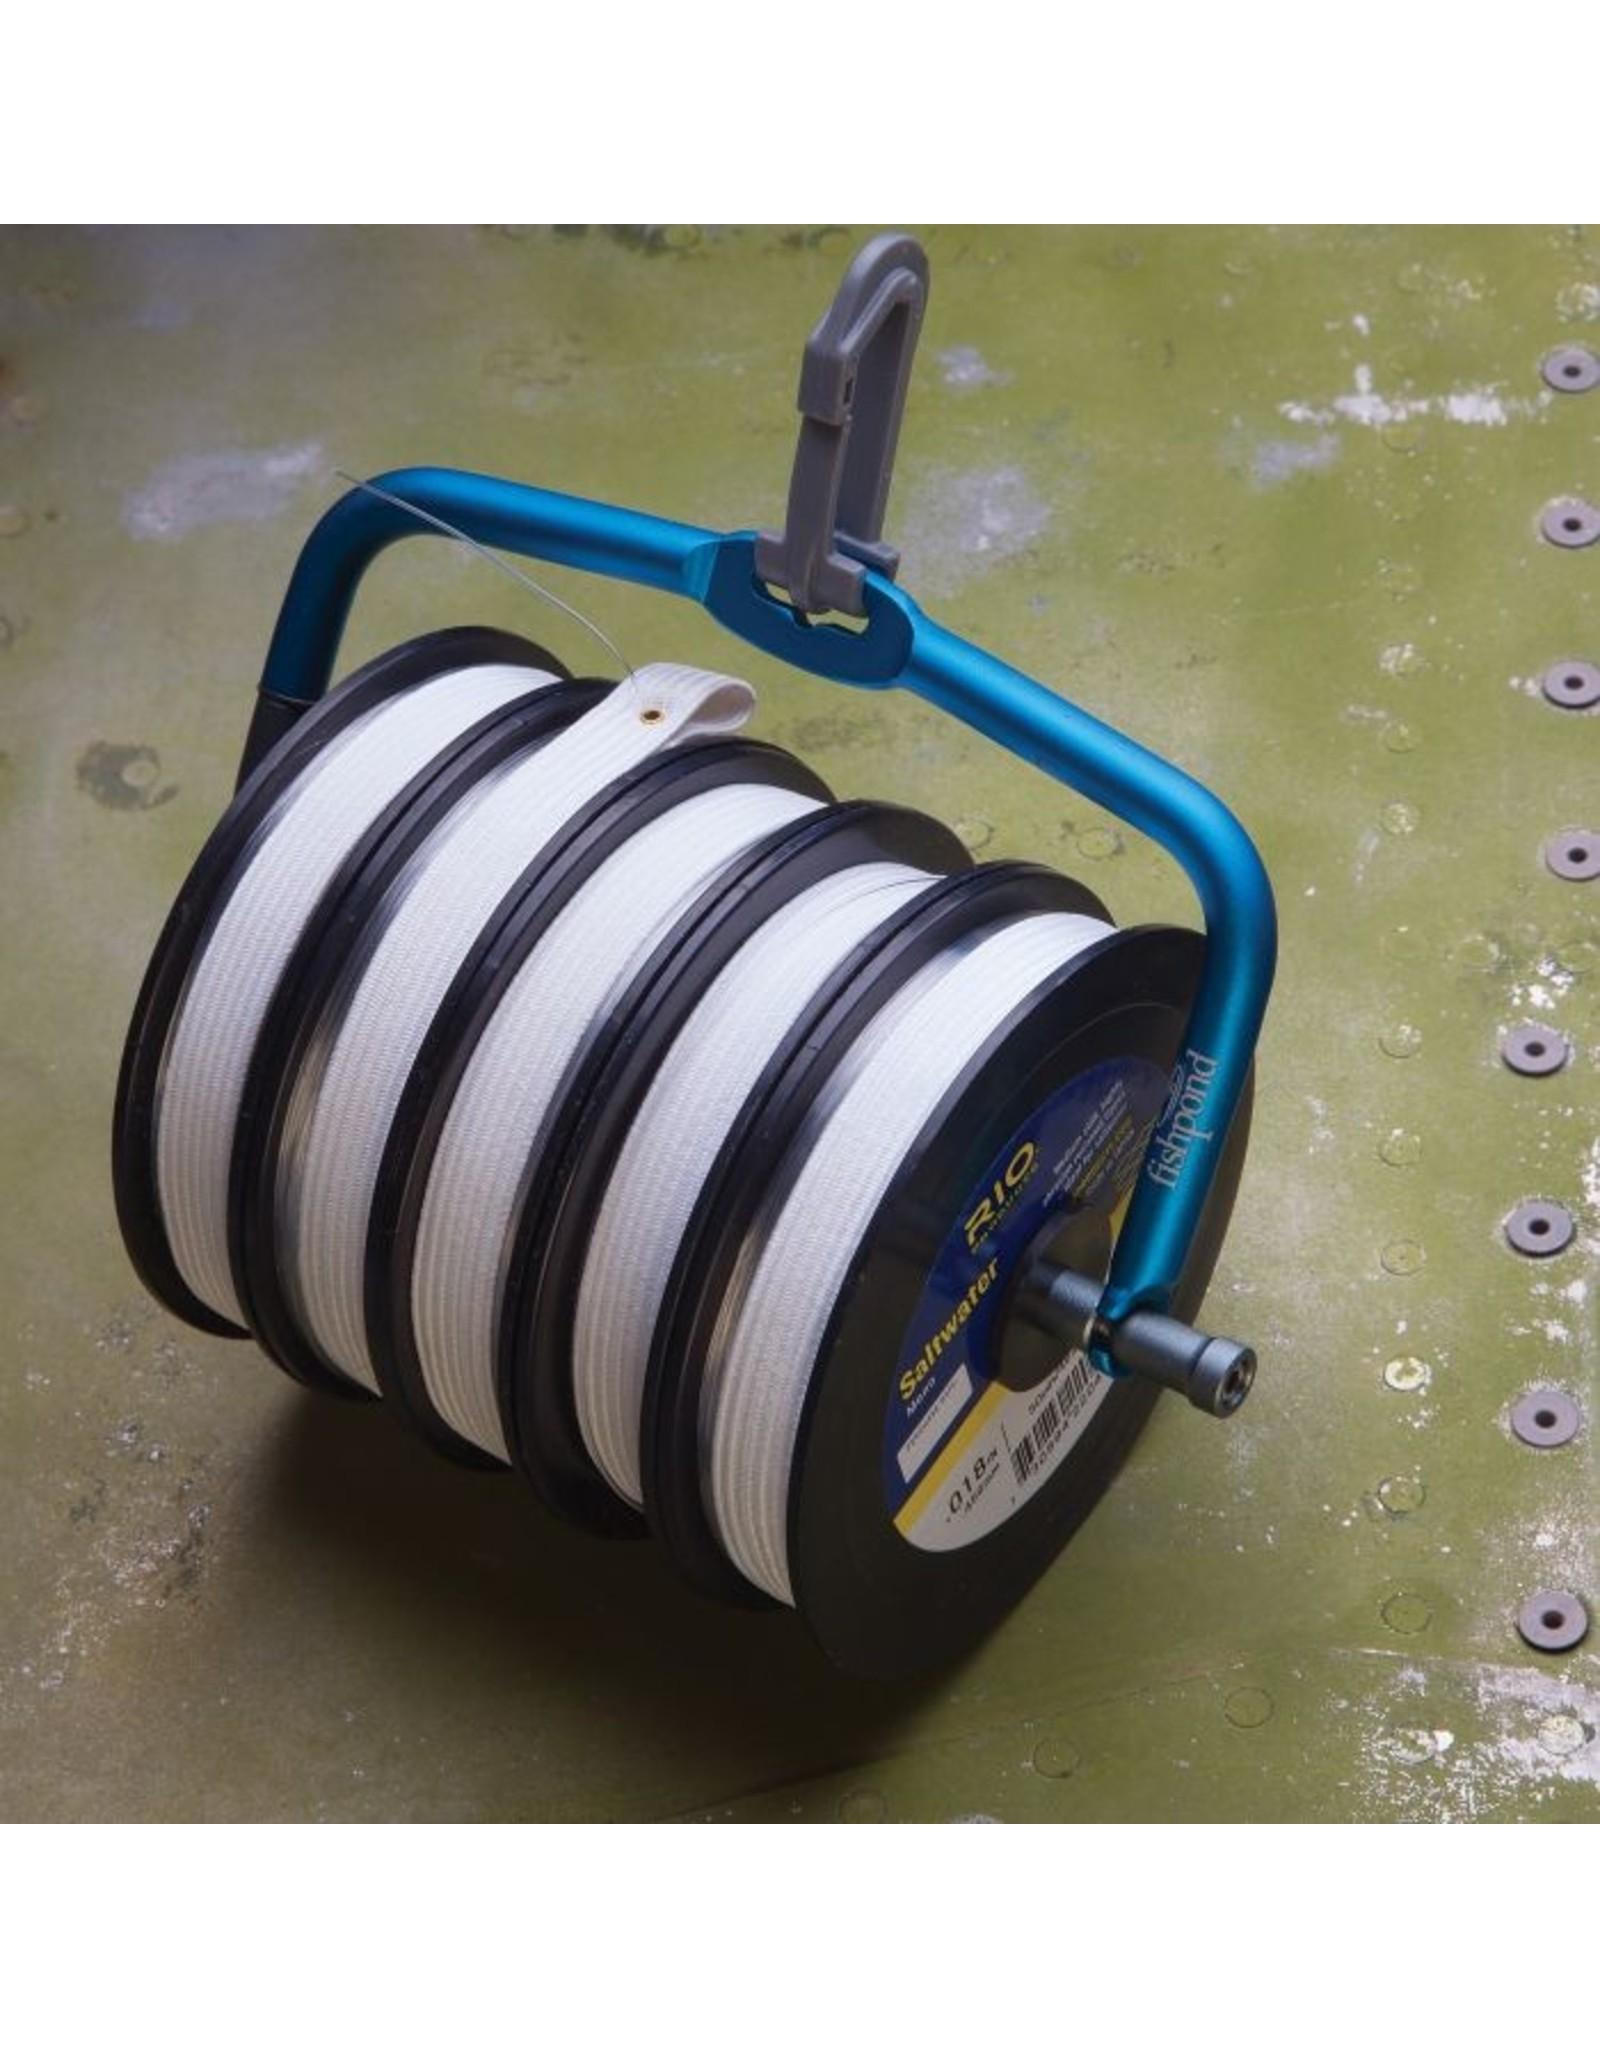 Fishpond Fishpond - Headgate Tippet Holder XL